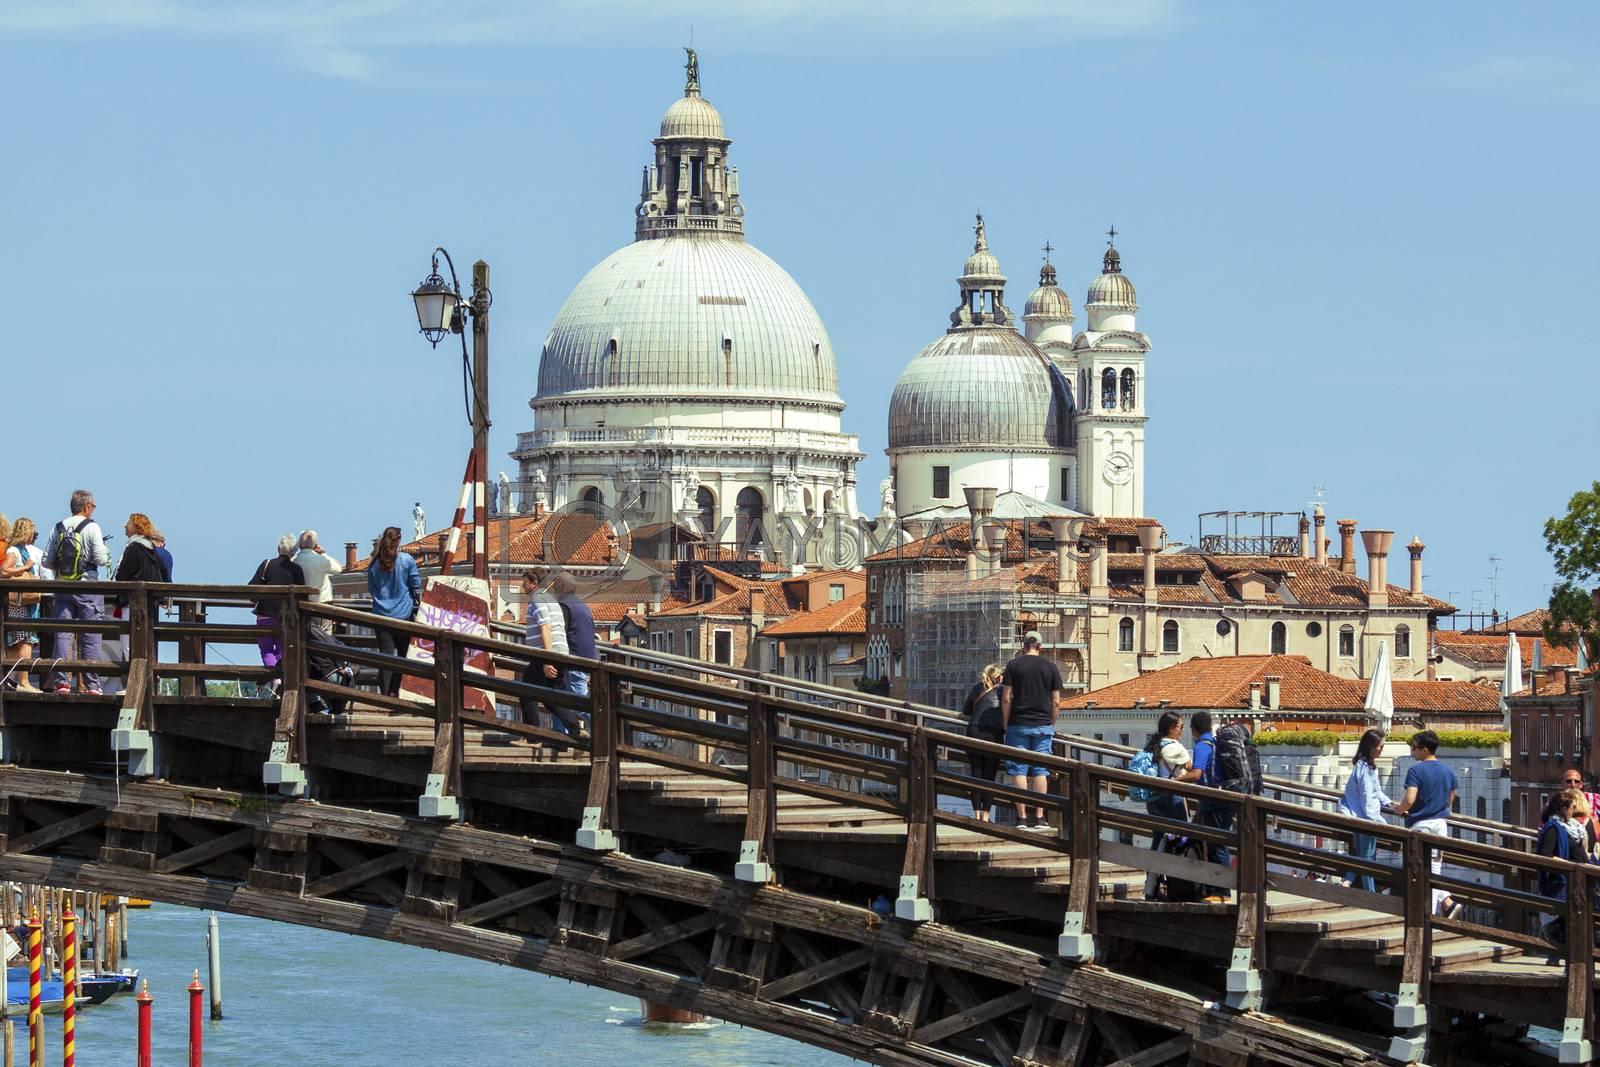 VENICE, ITALY - MAY 28, 2015: Accademia bridge with Basilica di Santa Maria della Salute in Venice, Italy